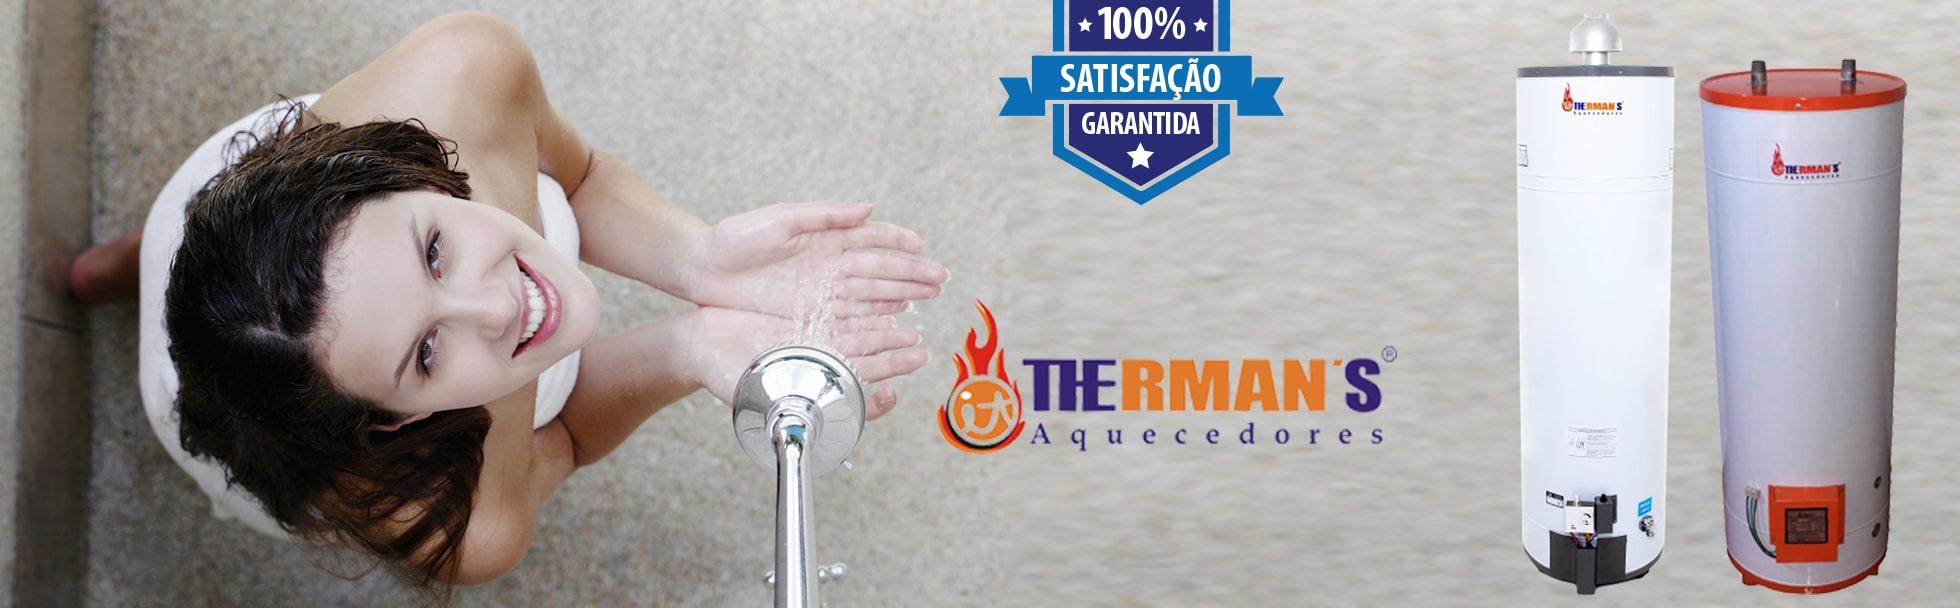 Satisfação garantida - Conheça nossa empresa de aquecedores a gás